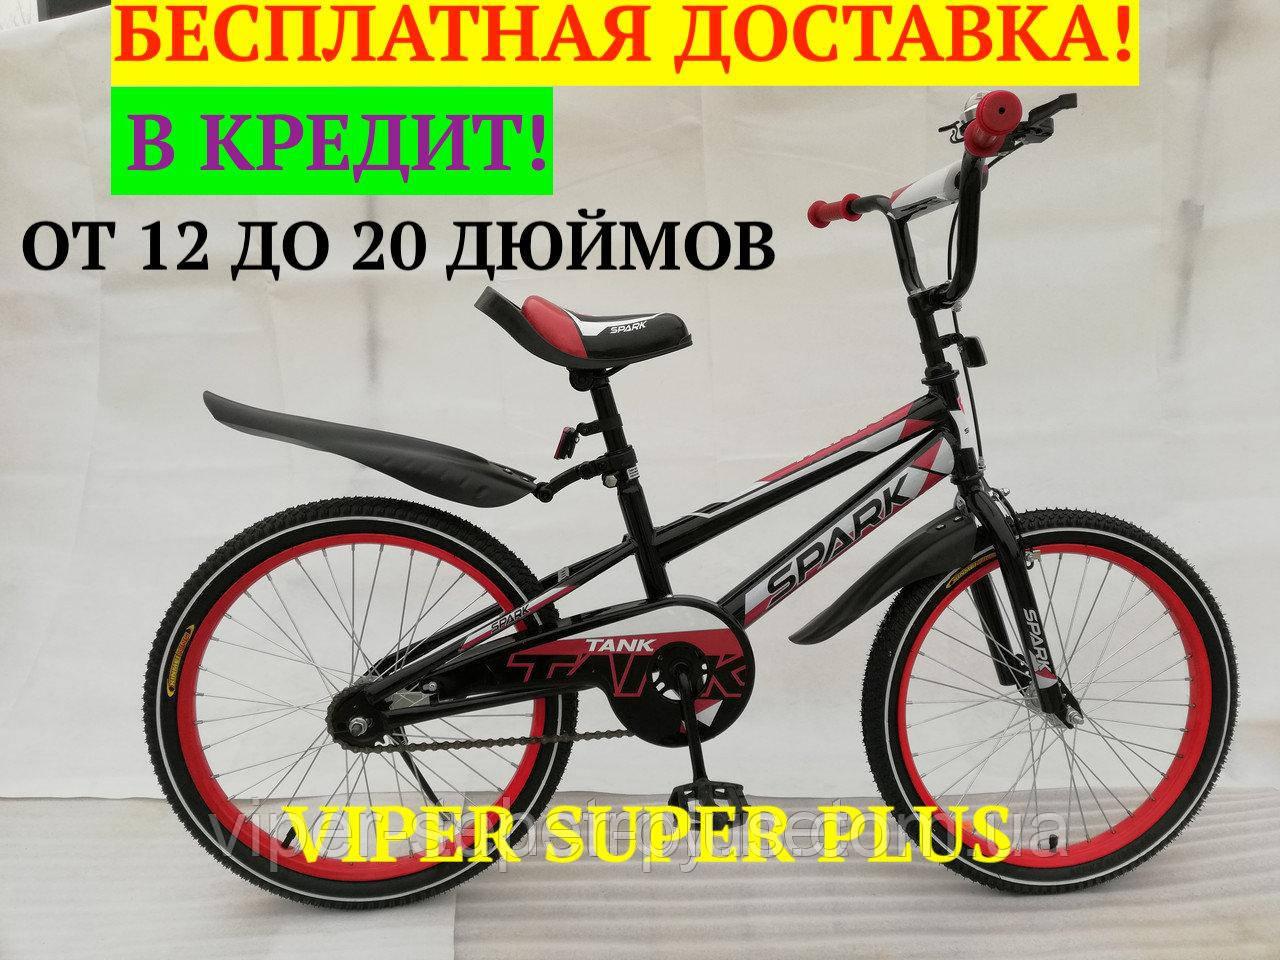 🔥✅ Дитячий велосипед SPARK KIDS TANK TV2001-002 20 Дюймів, Рама - Сталь! БЕЗКОШТОВНА ДОСТАВКА!